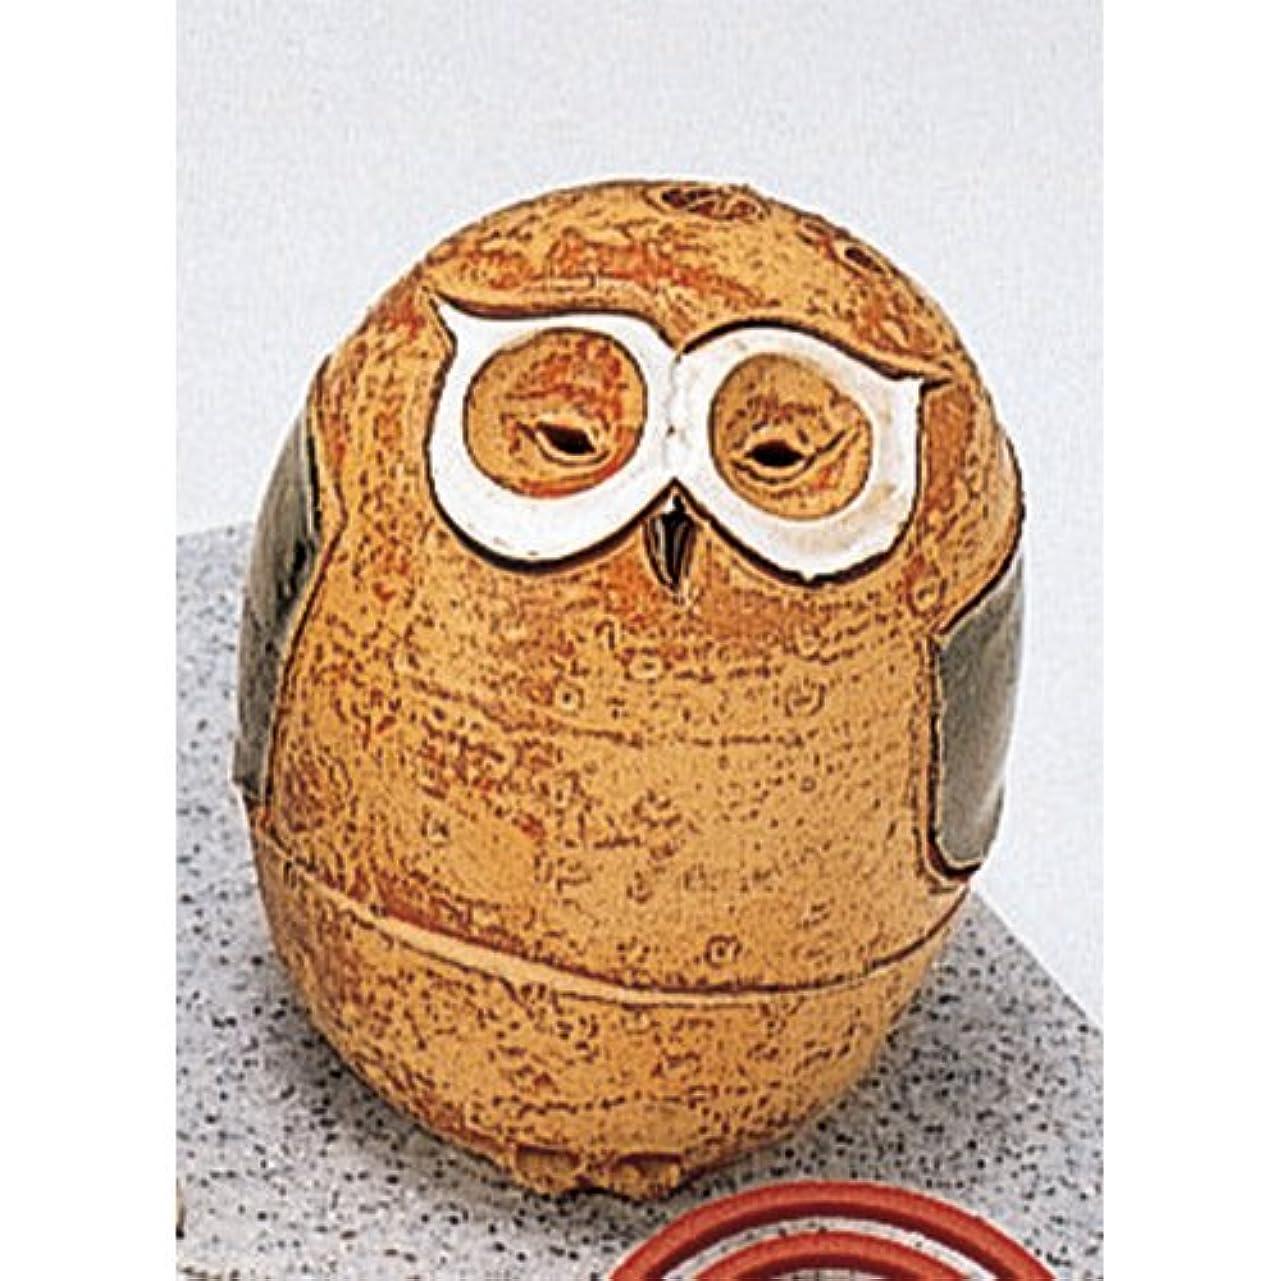 伝統的せせらぎしかしながら香炉 フクロウ 香炉(大) [R7xH9.3cm] HANDMADE プレゼント ギフト 和食器 かわいい インテリア